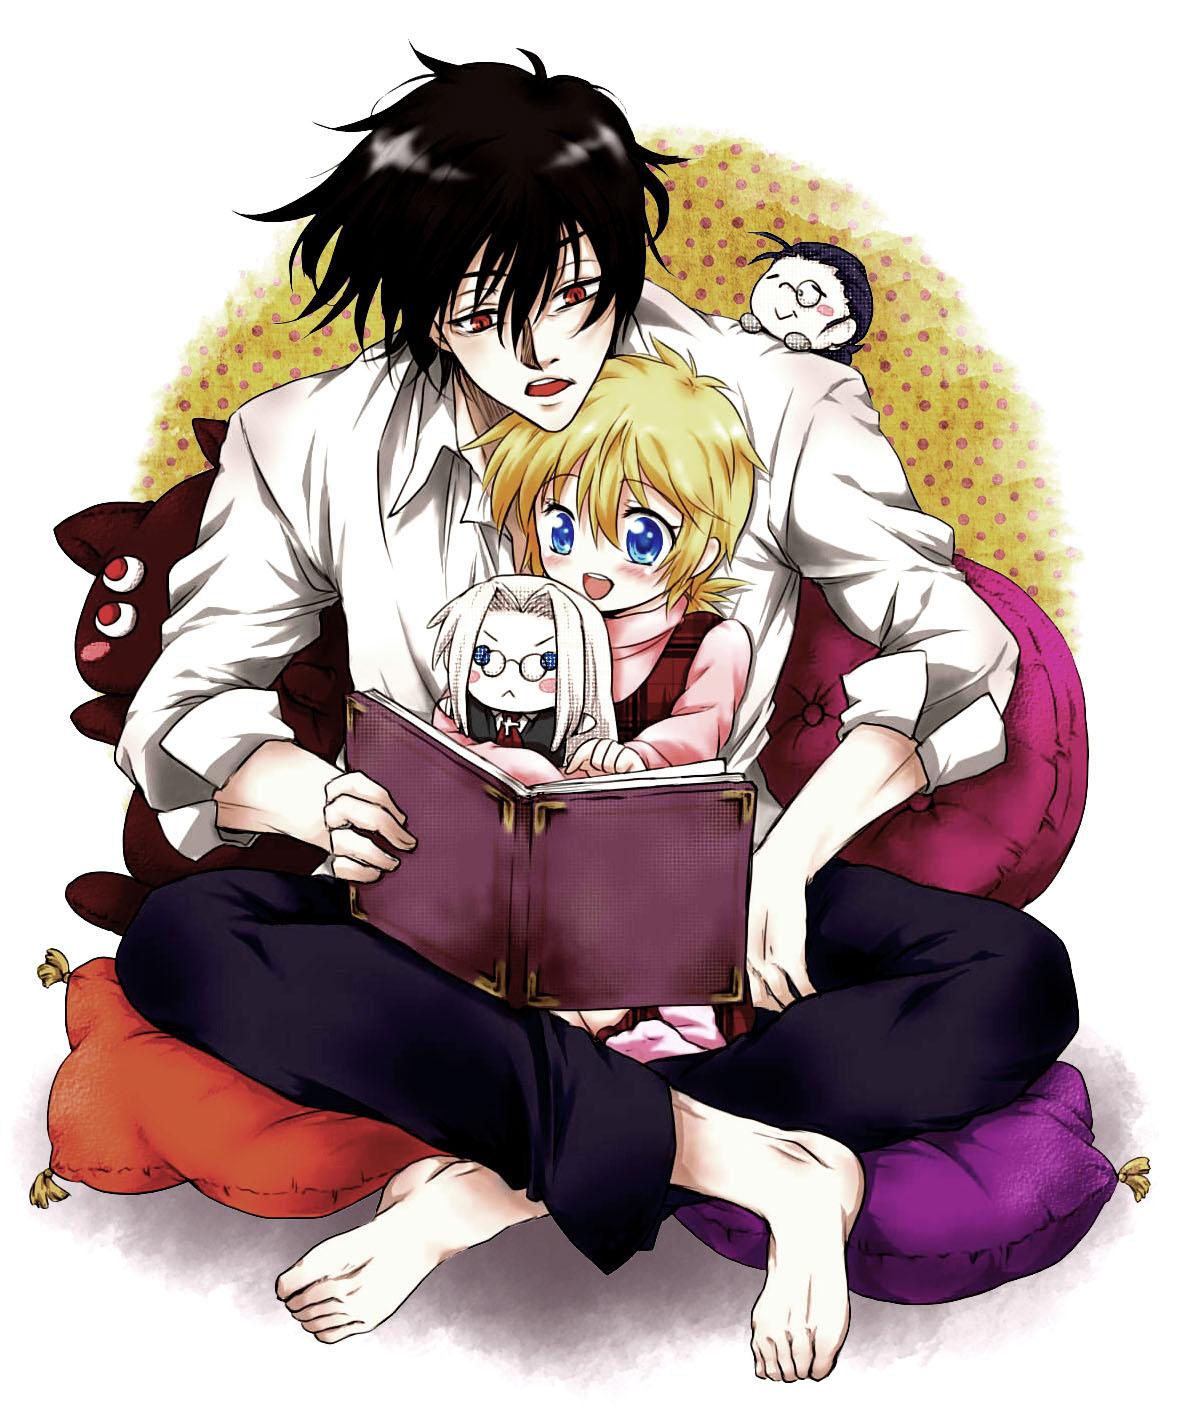 HELLSING Image #327263 - Zerochan Anime Image Board